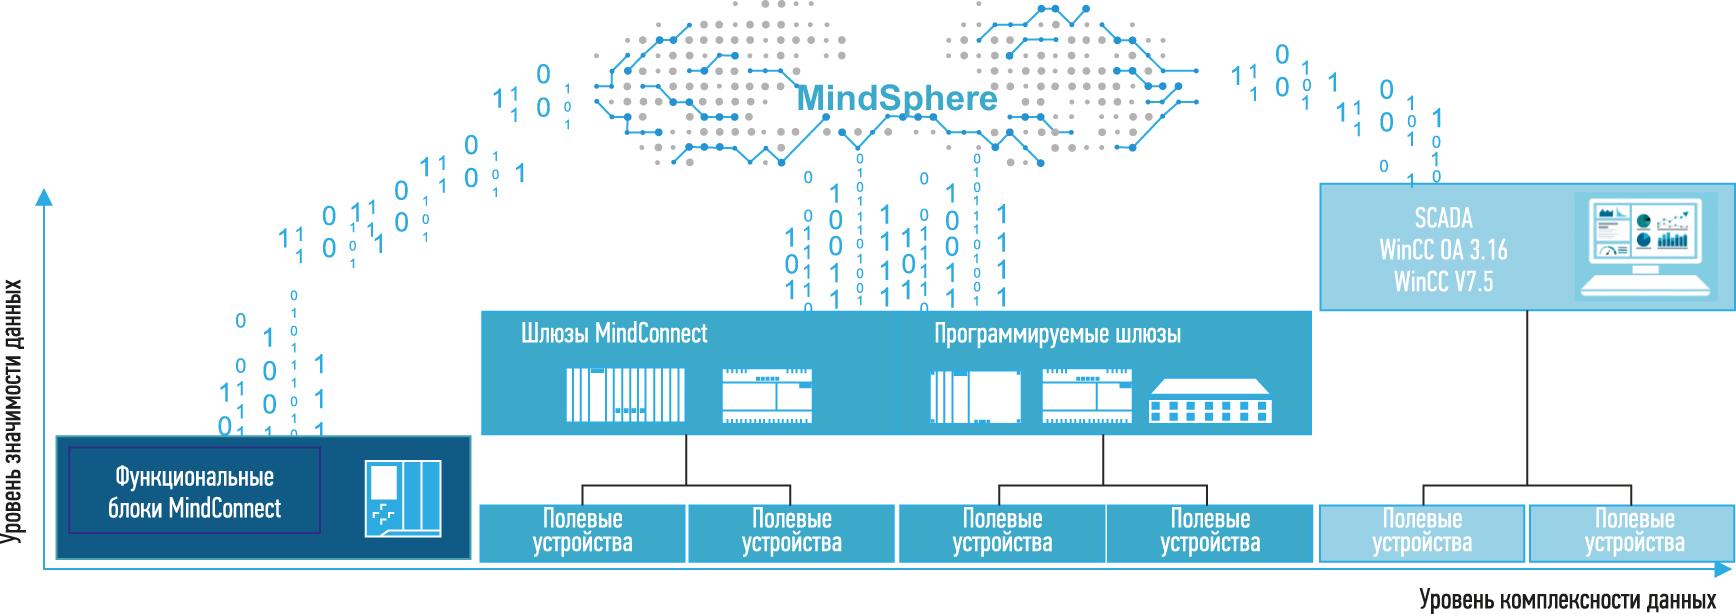 Способы интеграции с MindSphere полевого оборудования